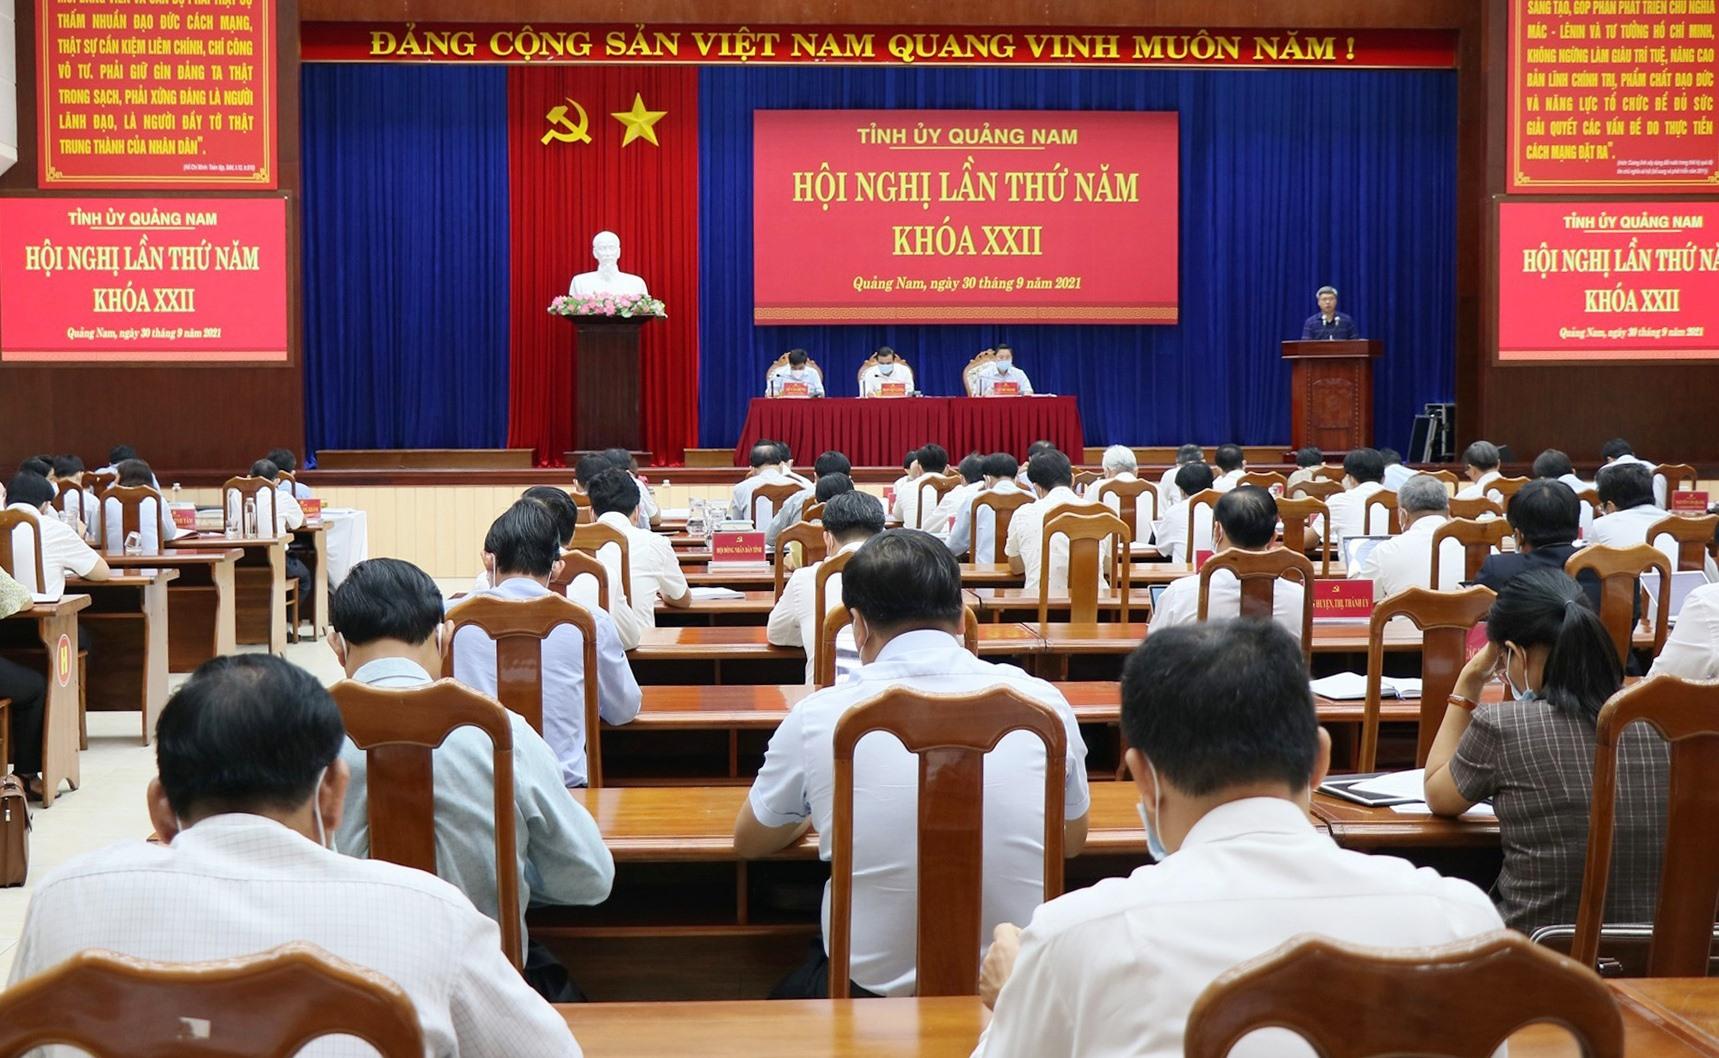 Quang cảnh Hội nghị Tỉnh ủy lần thứ 5 (khóa XXII) diễn ra sáng nay 30.9. Ảnh: N.Đ